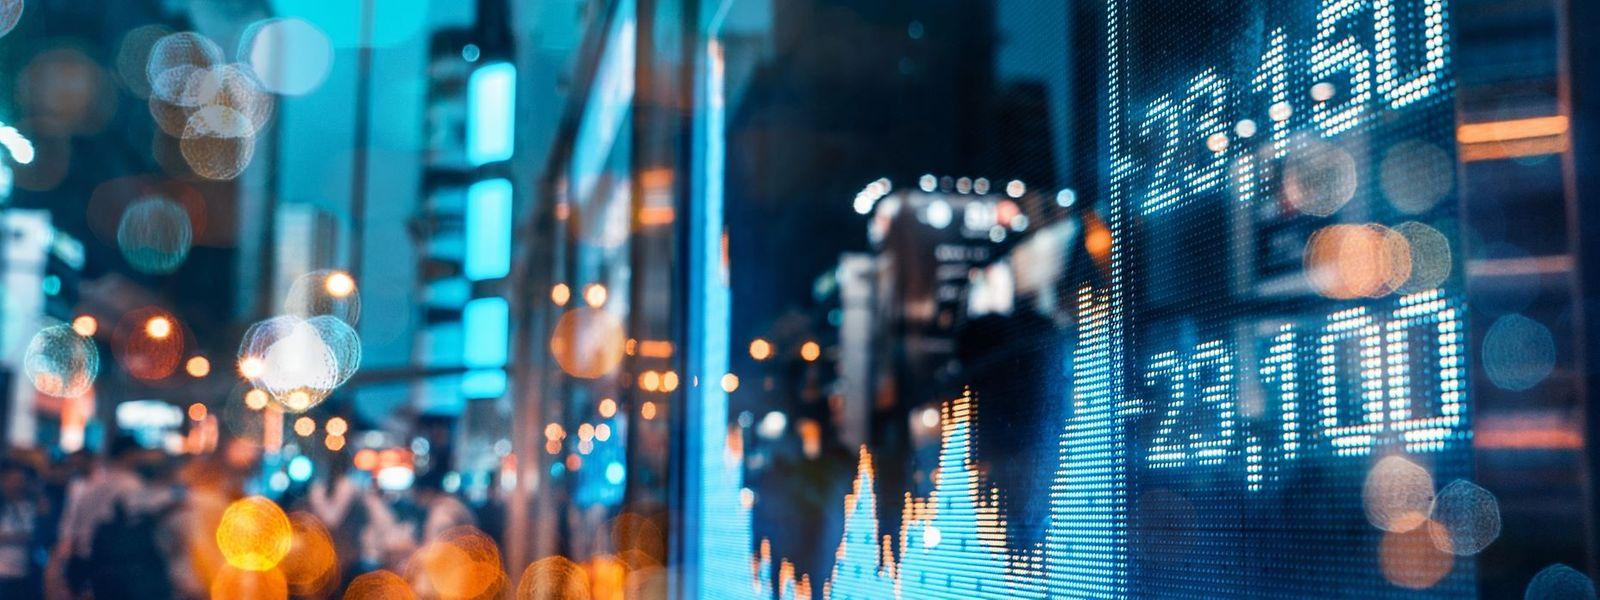 L'OCDE table sur une croissance de 2,9% de l'économie mondiale en 2020